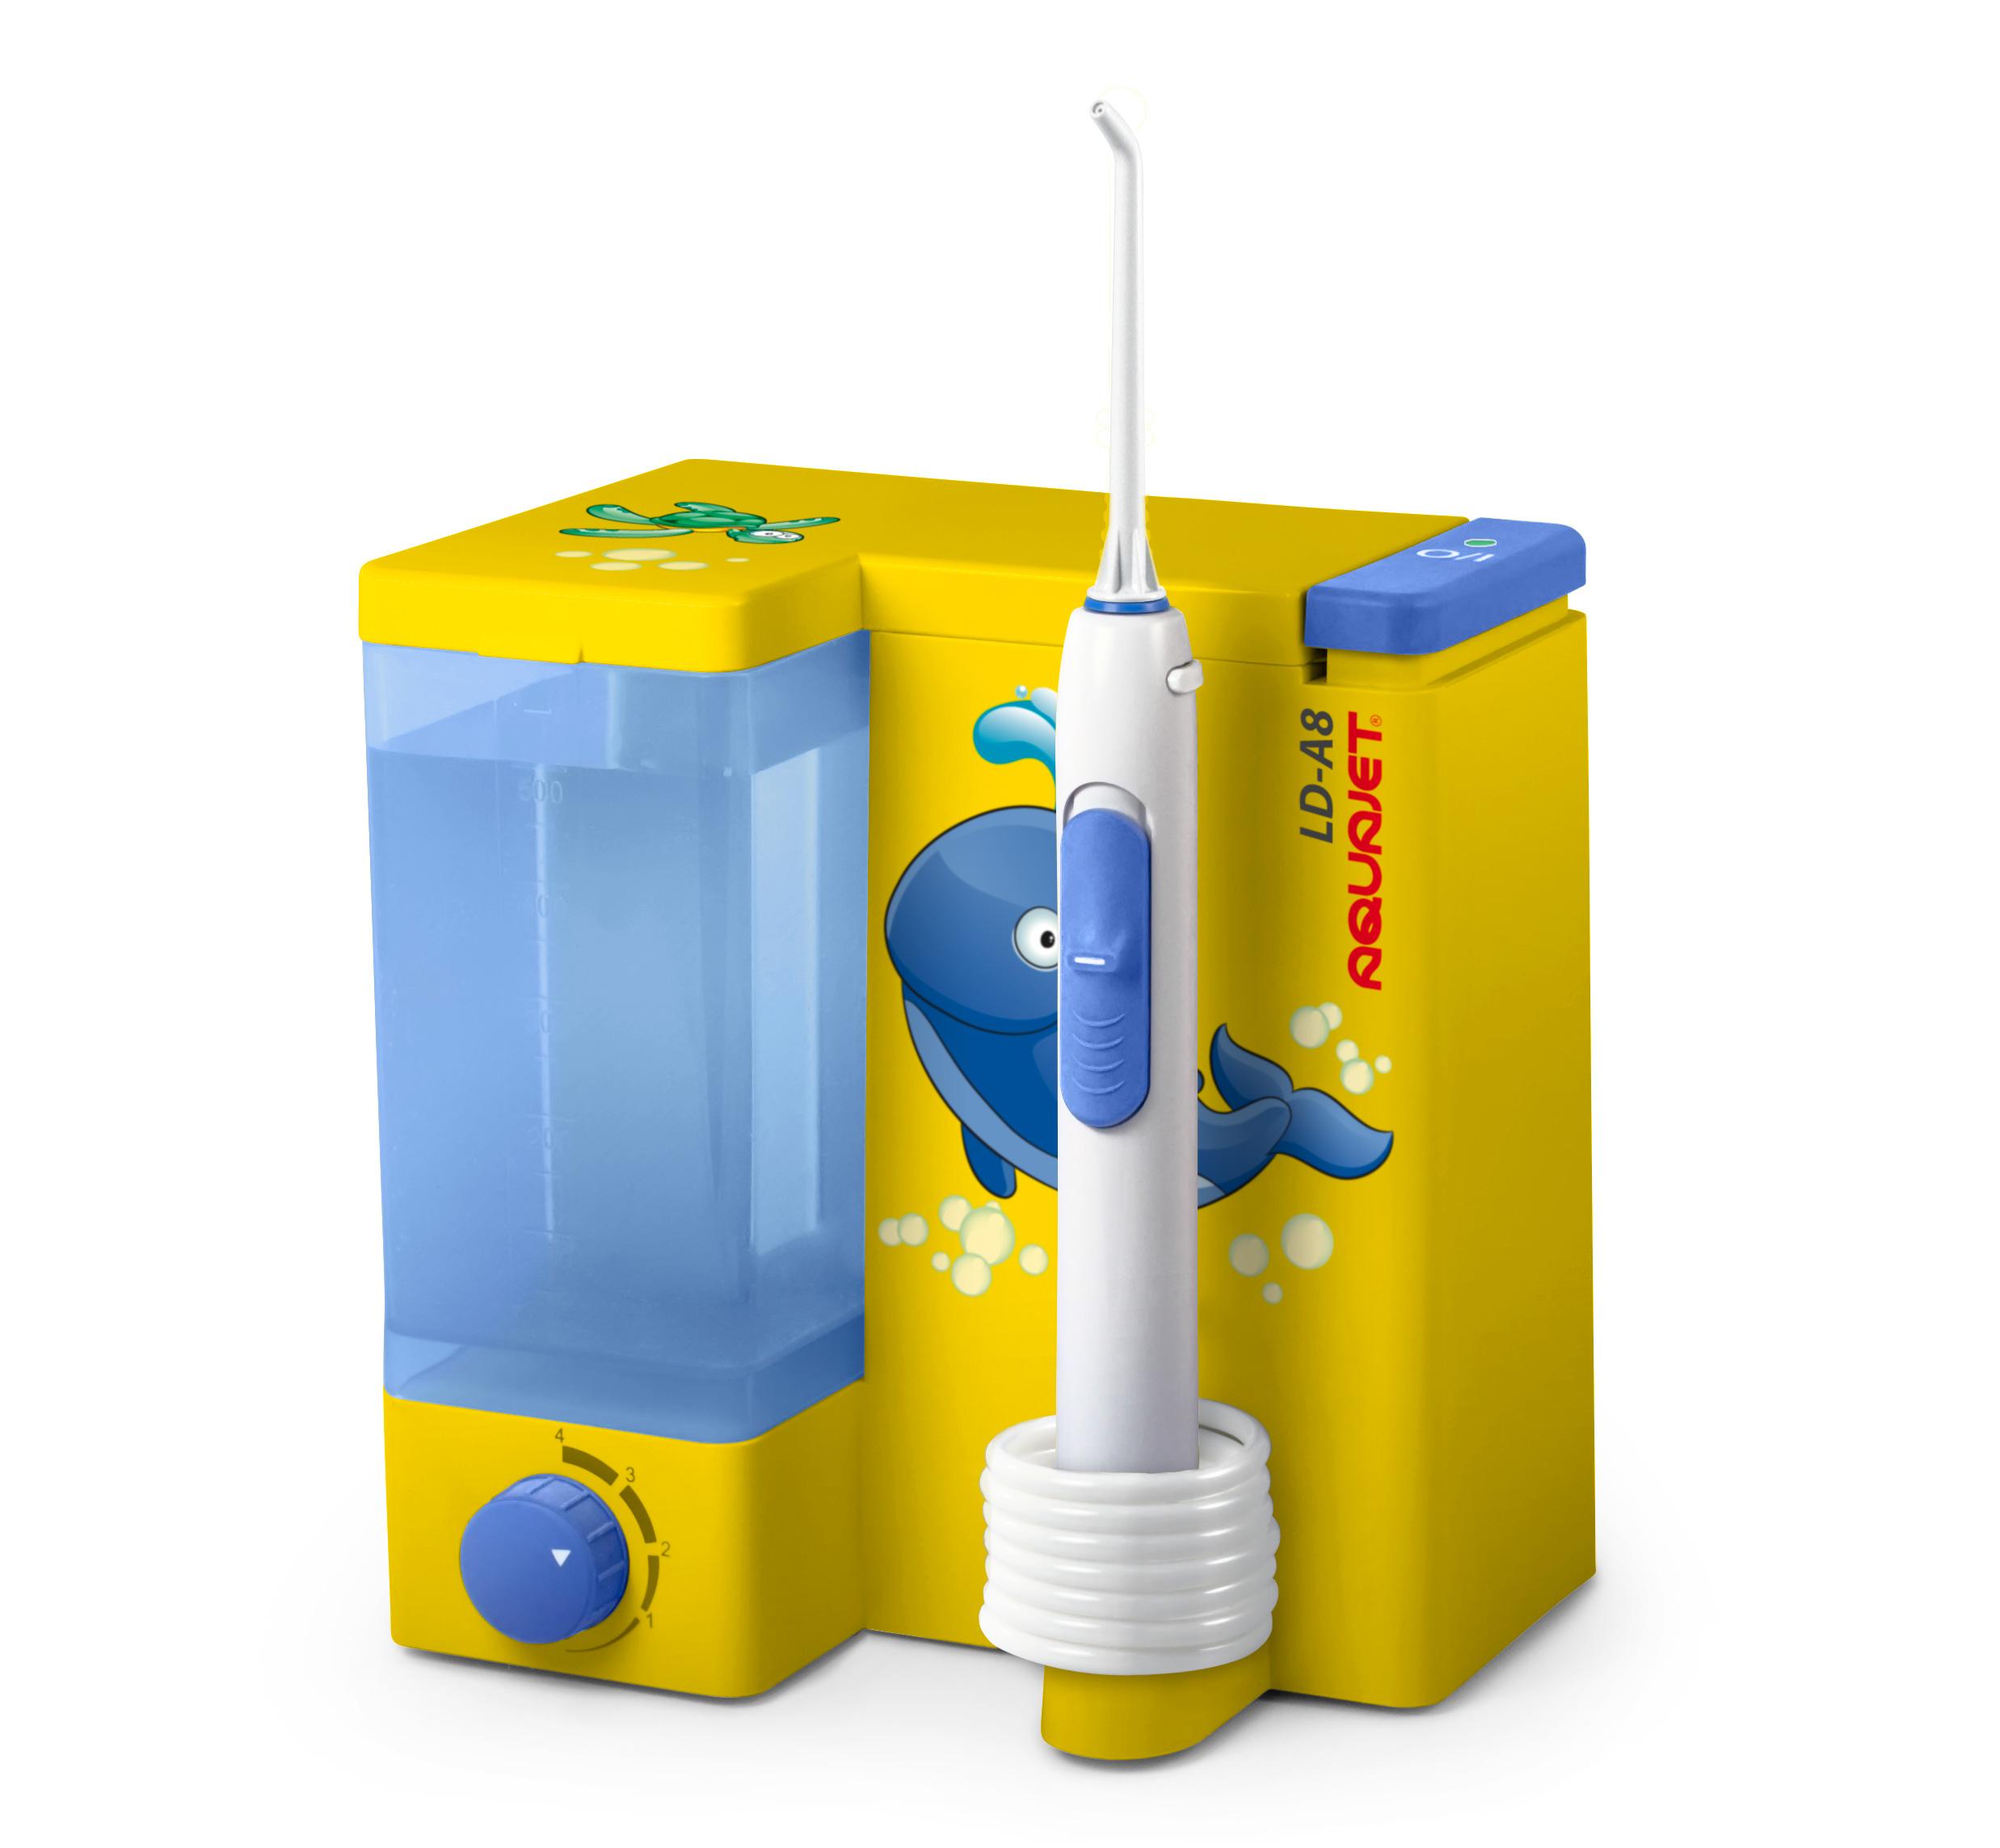 Little Doctor Ирригатор полости рта LD-A8 желтый0003920Ирригатором Aquajet LD-А8 Вы легко приучите своего ребенка к правильной гигиене полости рта. Ирригатор эффективно очищает межзубное пространство и зубодесневые складки.Увеличенная мощность водной струи позволяет достичь областей, недоступных при обычной чистке.Контейнеры для жидкости и для насадок теперь можно мыть в посудомоечной машине.Гладкий дизайн корпуса без выступов предотвращает скопление воды и пыли.Soft-Touch – прорезиненное покрытие органов управления делает использование легким и приятным.Специальная насадка с гибким распылителем в подарок.Плавный регулятор напора струи дает возможность использовать прибор для детей и для людей с чувствительной слизистой.Применение без ограничения возраста пациента.Стильный, яркий дизайн ирригатора.?В комплект входит:Ирригатор Aquajet LD-A85 сменных насадокШурупы и дюбеля для крепления к стенеРуководство по эксплуатации на русском языкеГарантийный талон на год